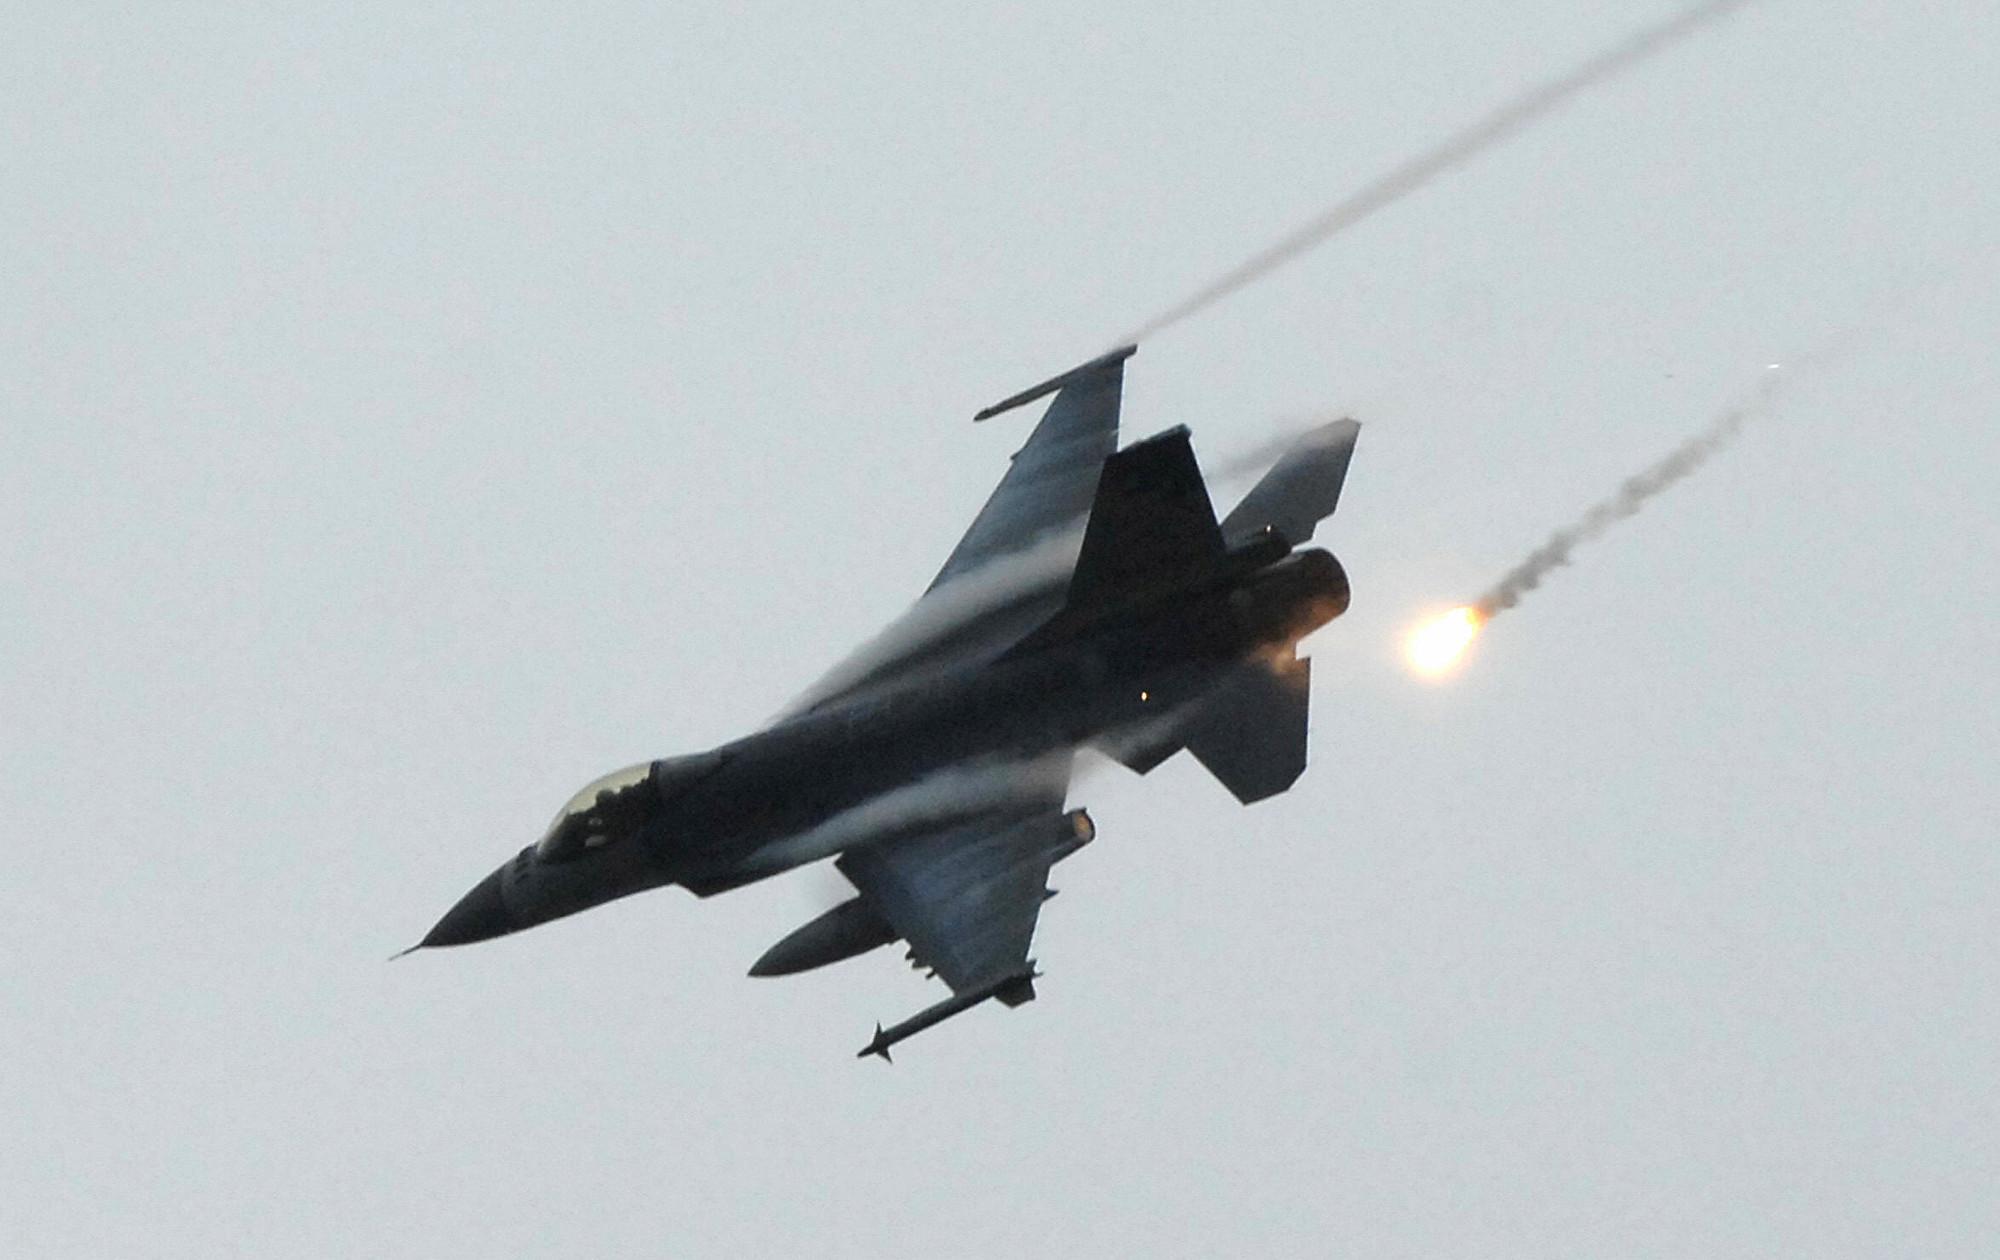 美媒:美售台F-16V戰機案 幾周後核准